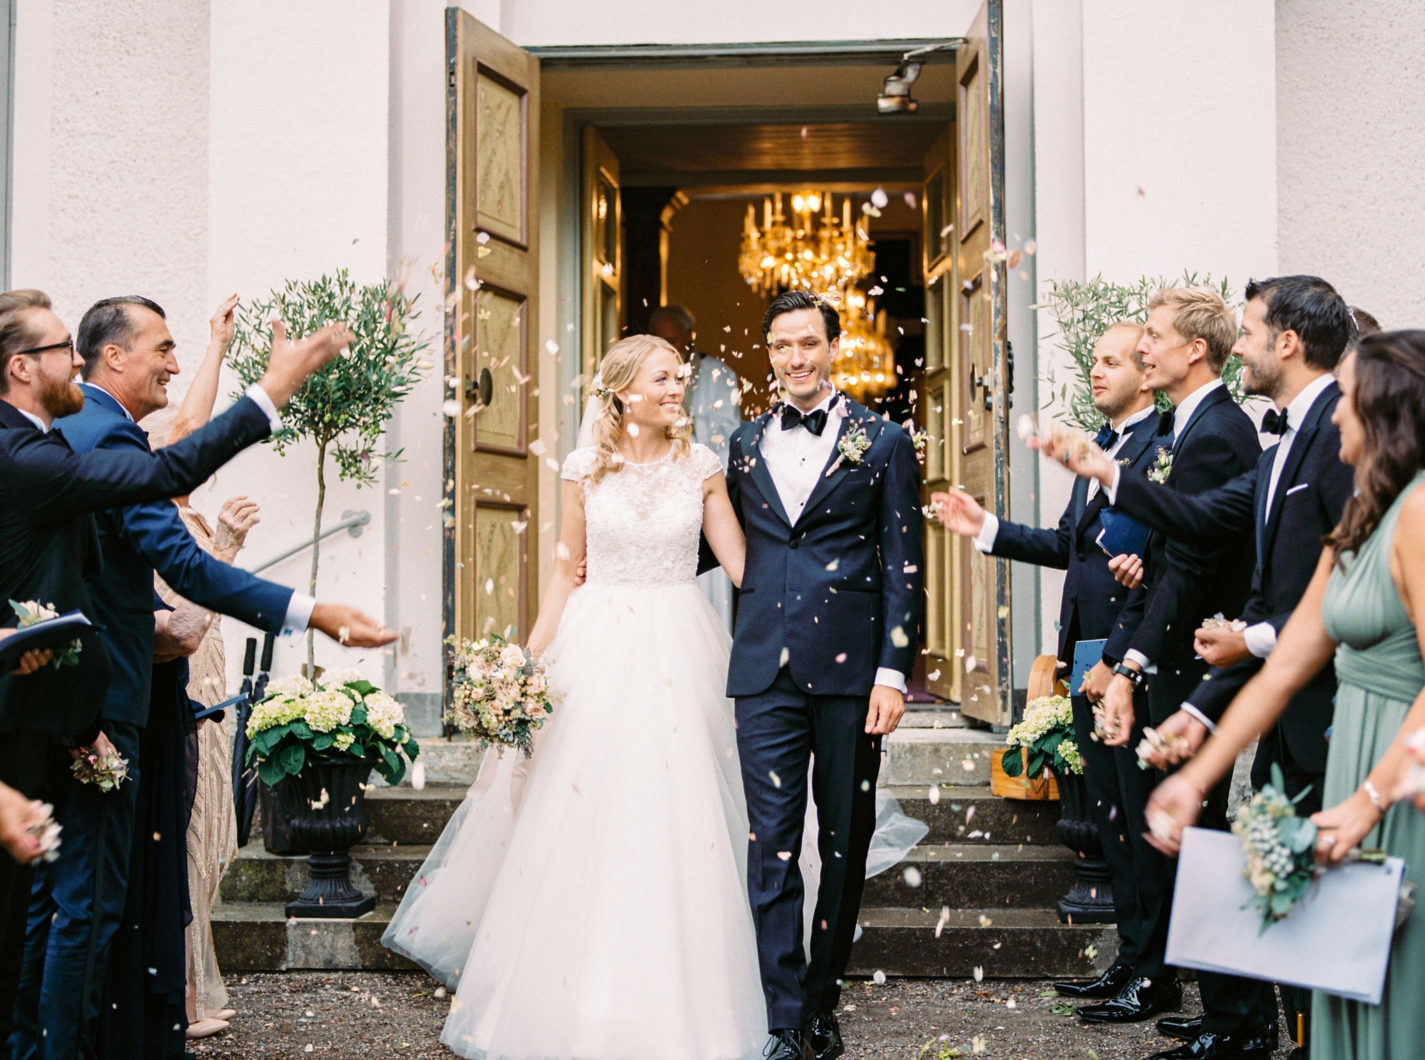 Fotograf-Eline-Jacobine-Bryllup-Johanne-og-Marcus-Bjertorp-slott-Sverige-Sweden-Mansion-wedding-52